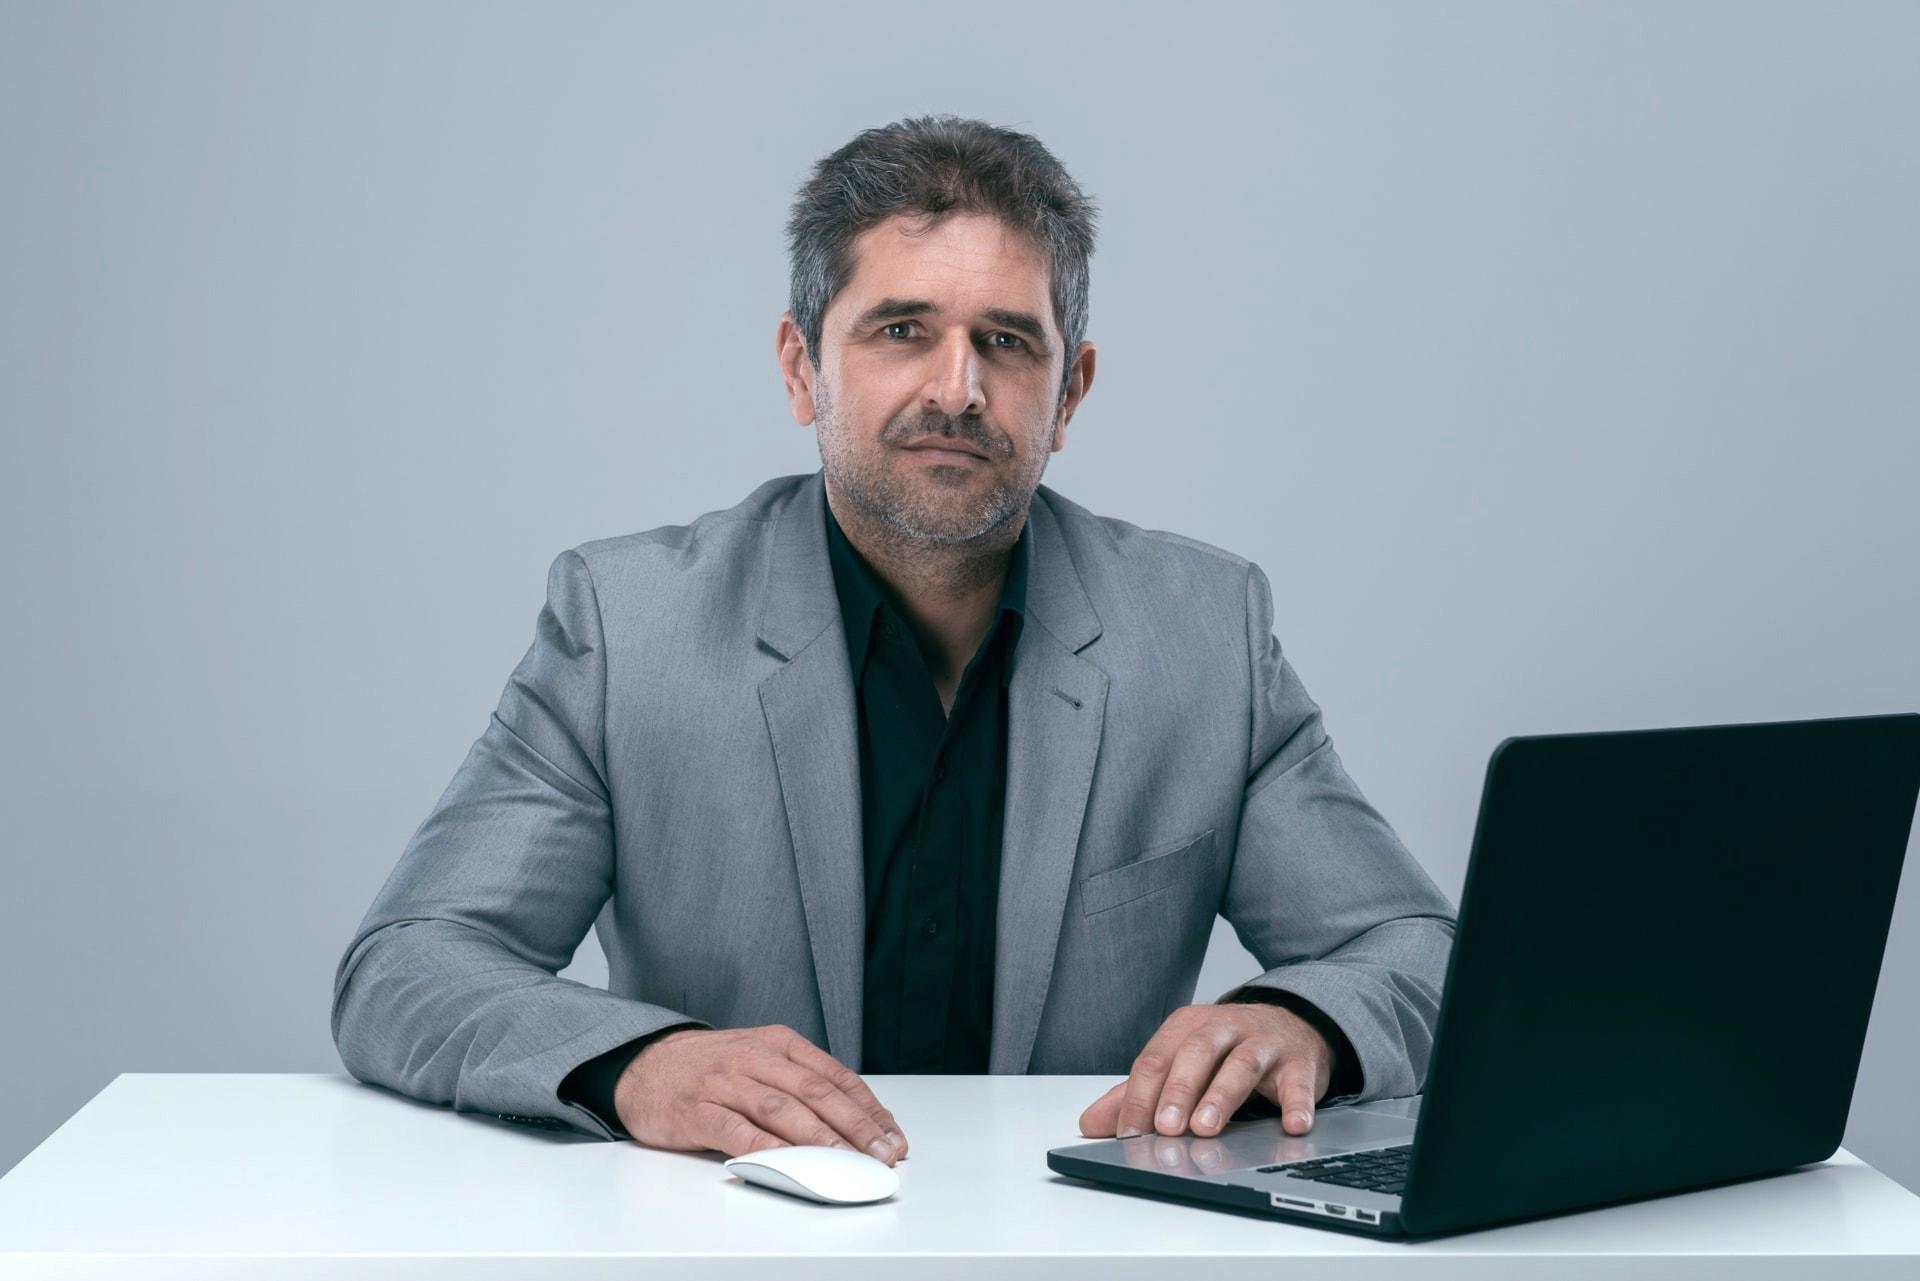 zdjęcia biznesowe sesje wizerunkowe linkedin social media facebook korporacyjne portret profesjonalisty